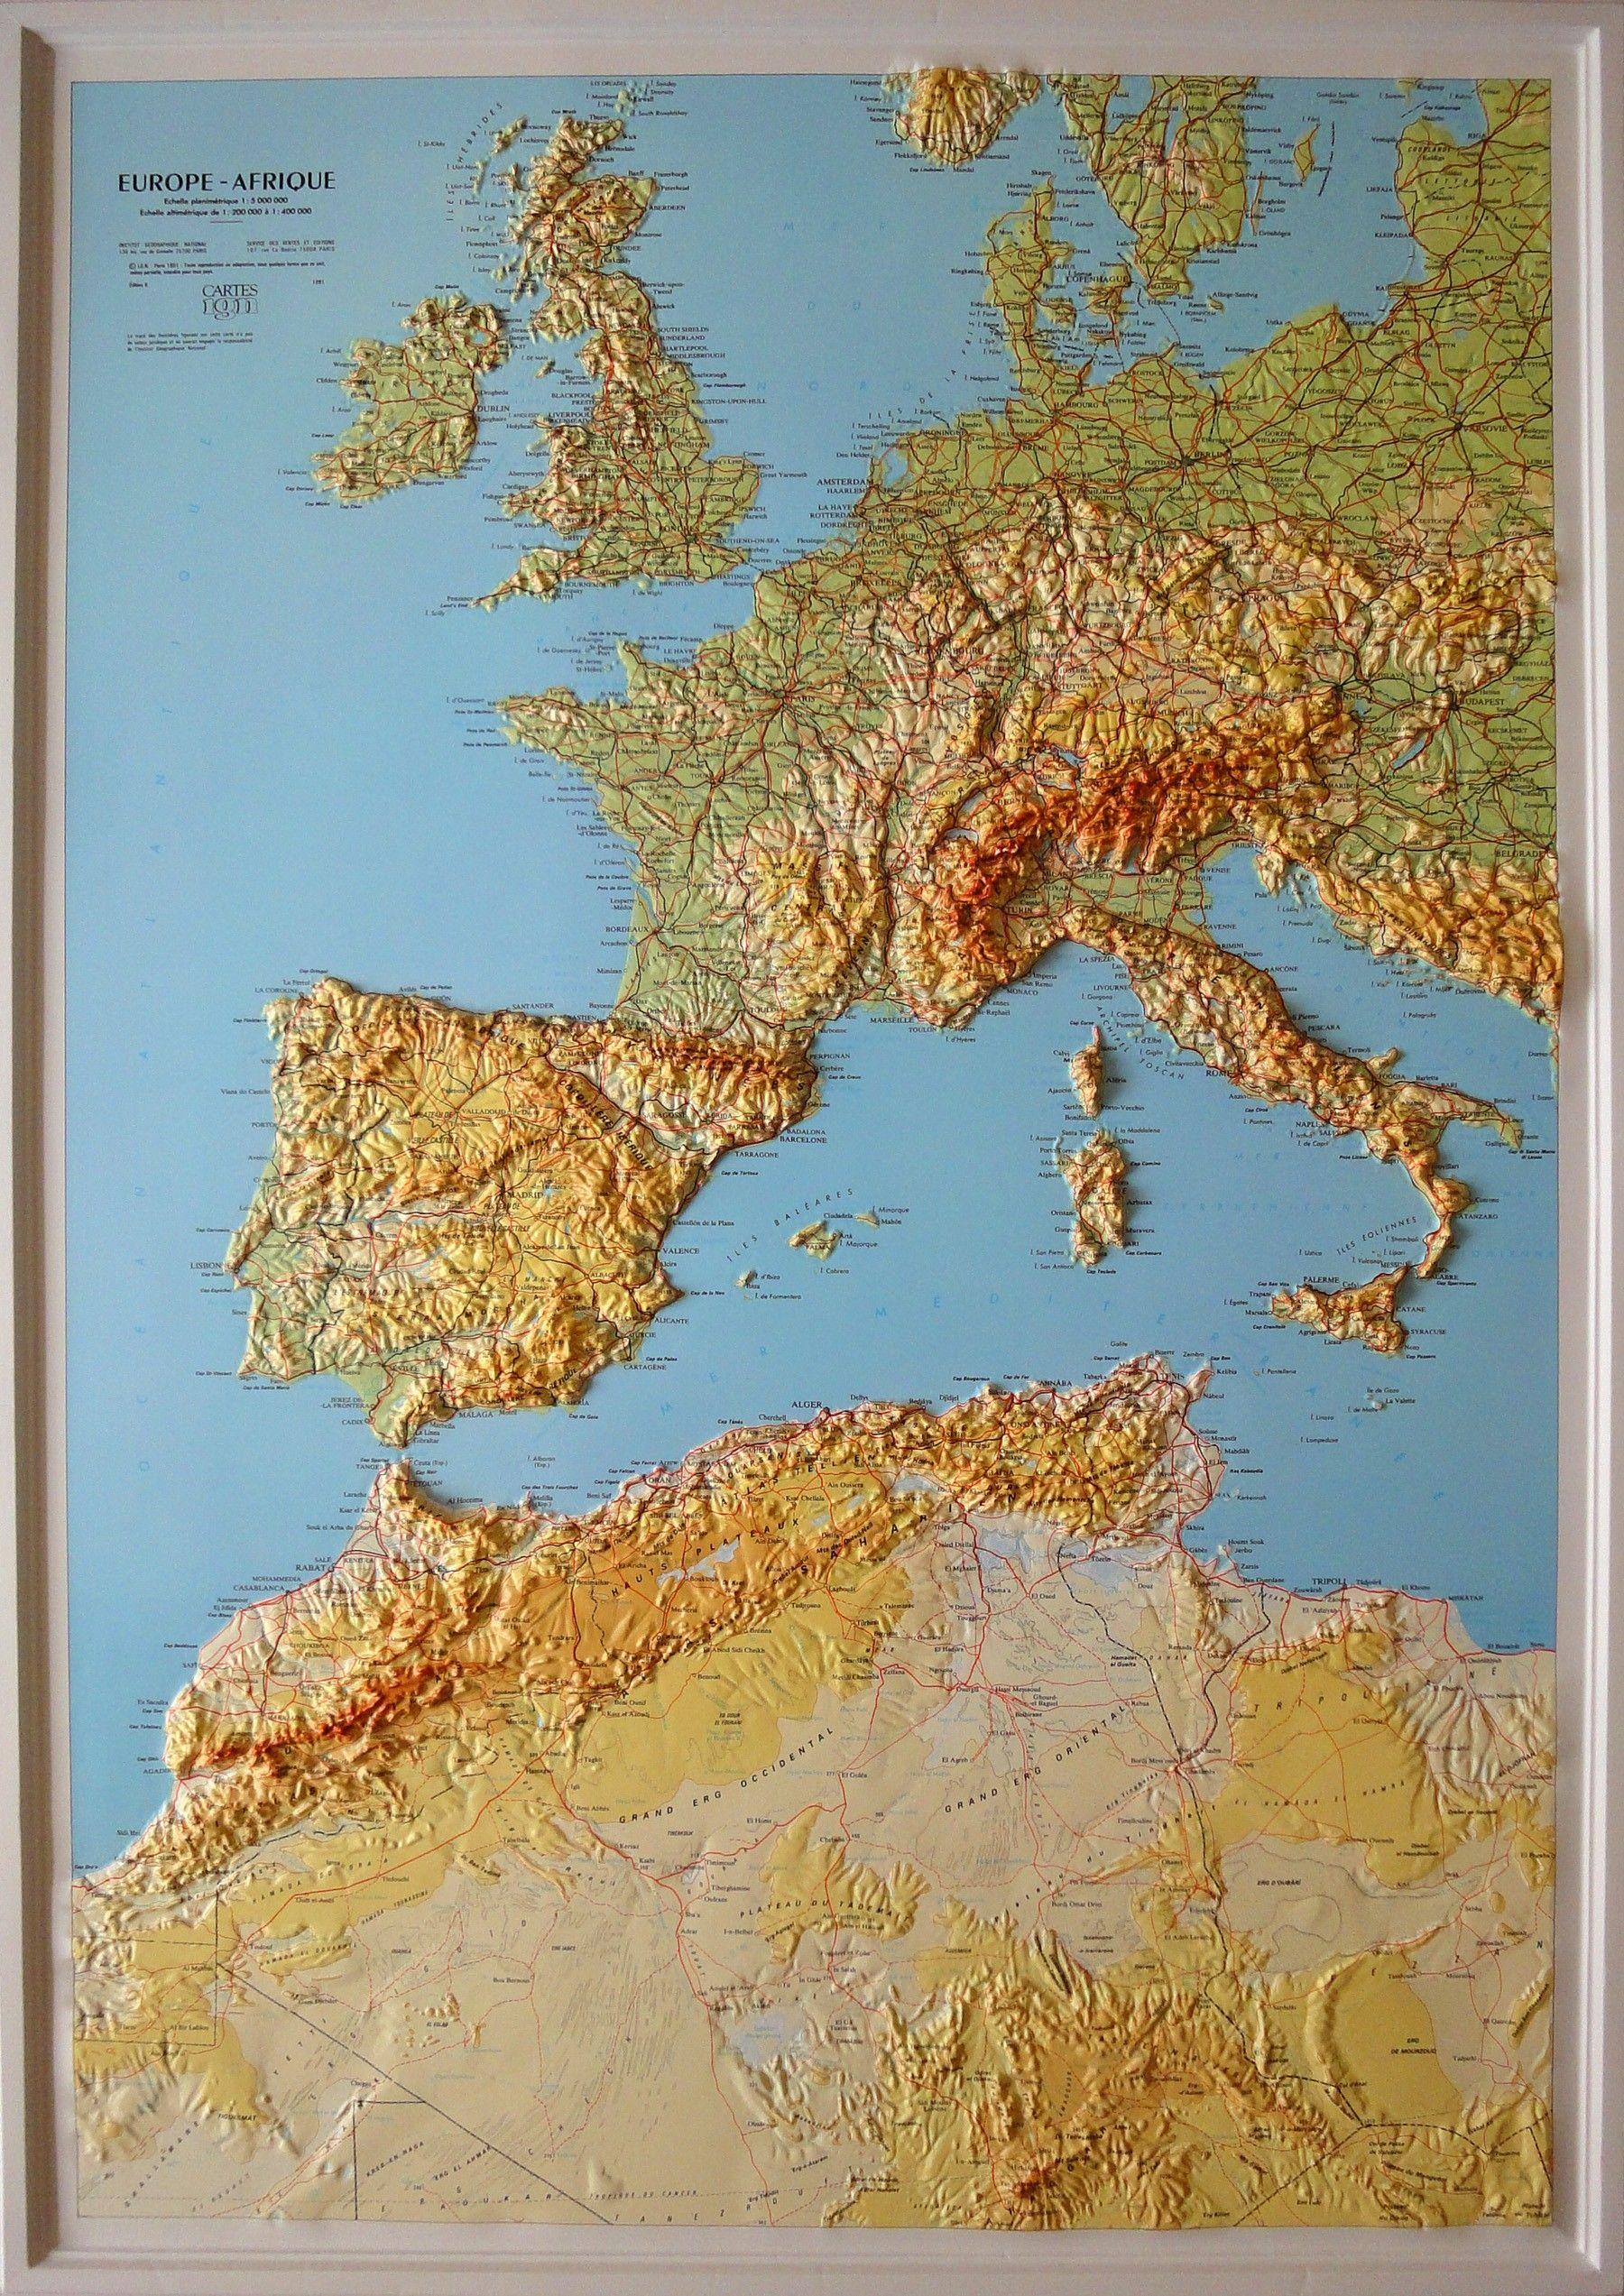 Europe Afrique Du Nord Relief 1 Carte Relief Afrique